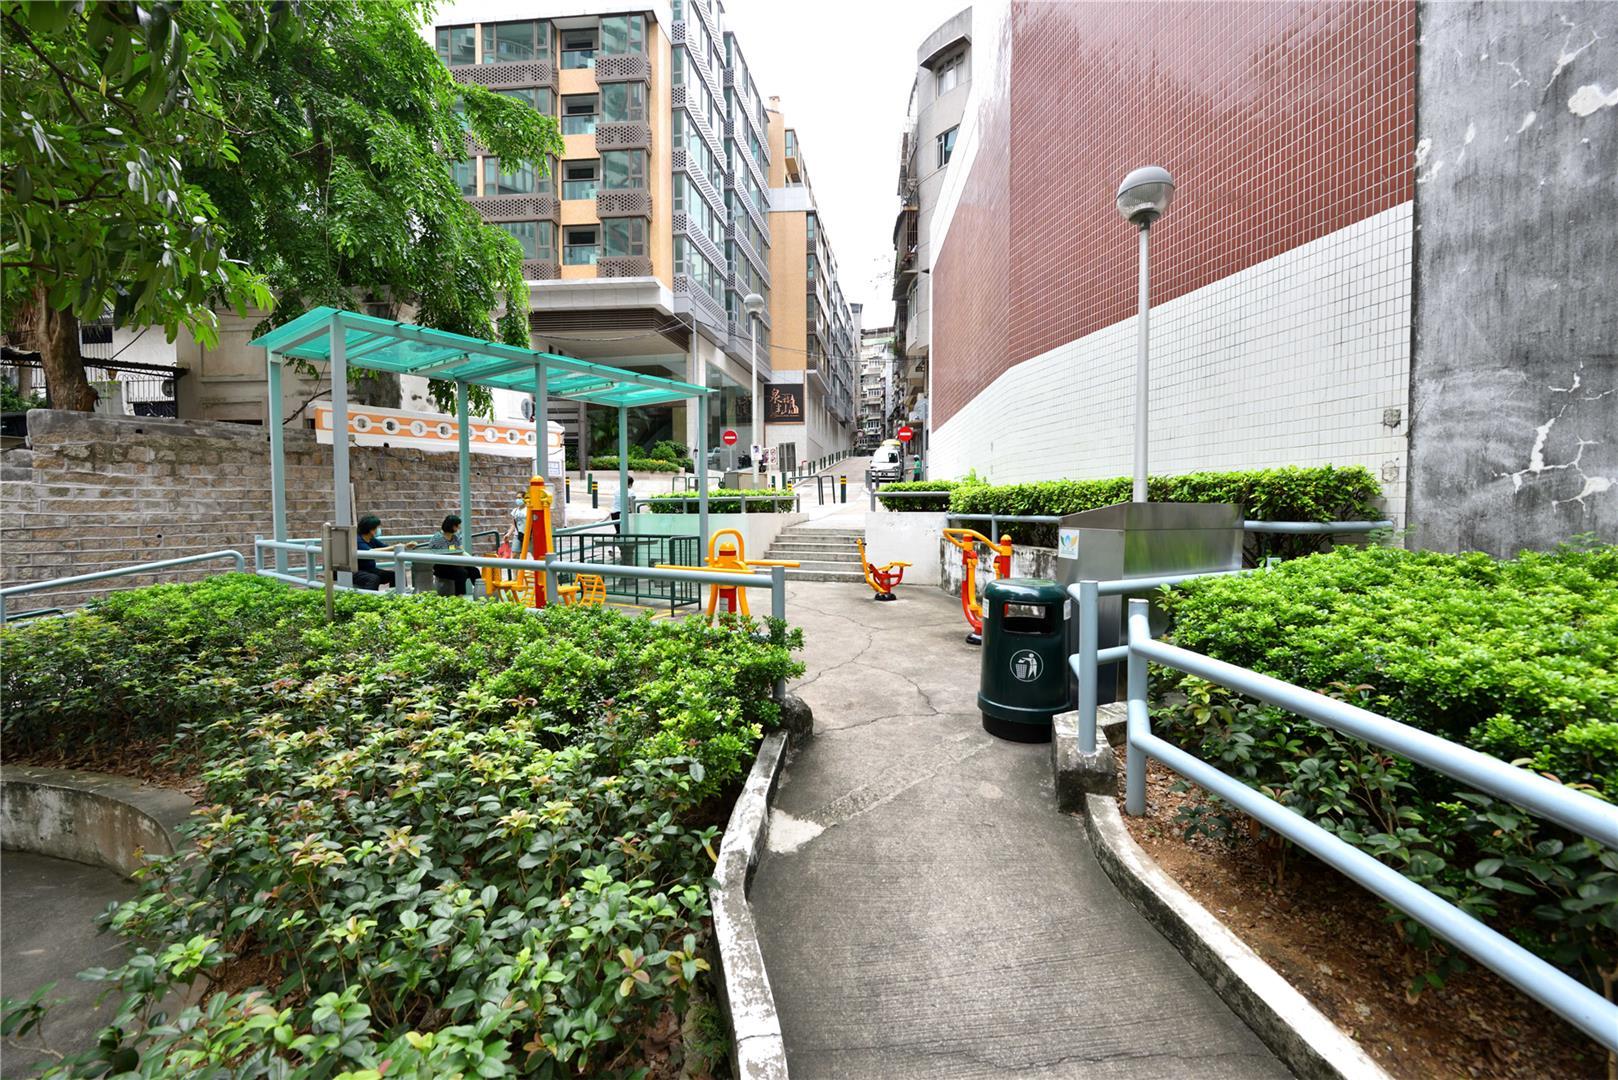 Temporary Leisure Area in Calçada do Bom Jesus